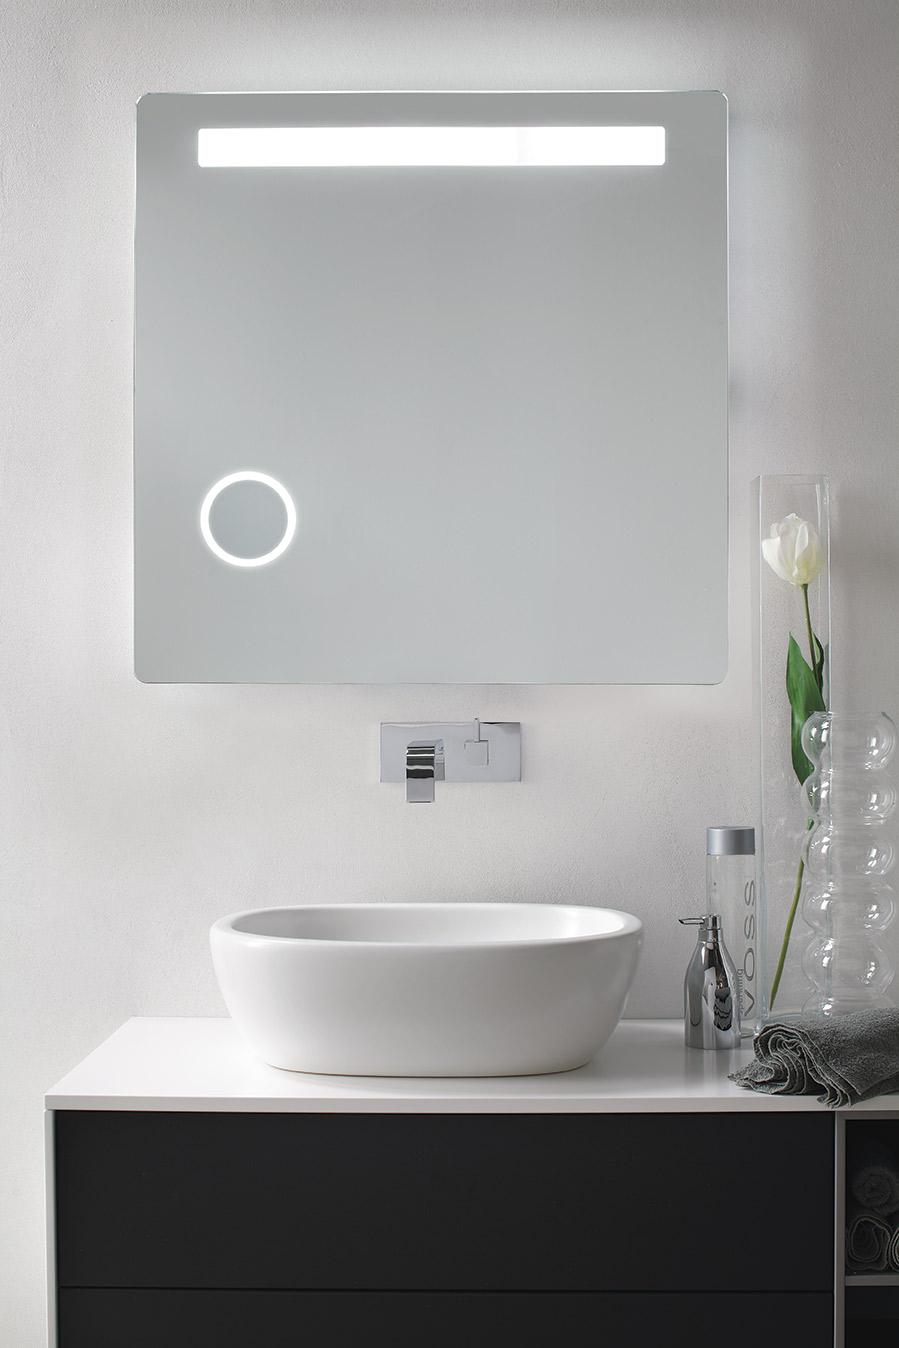 Specchiera bagno retroilluminata LED modello Lybra